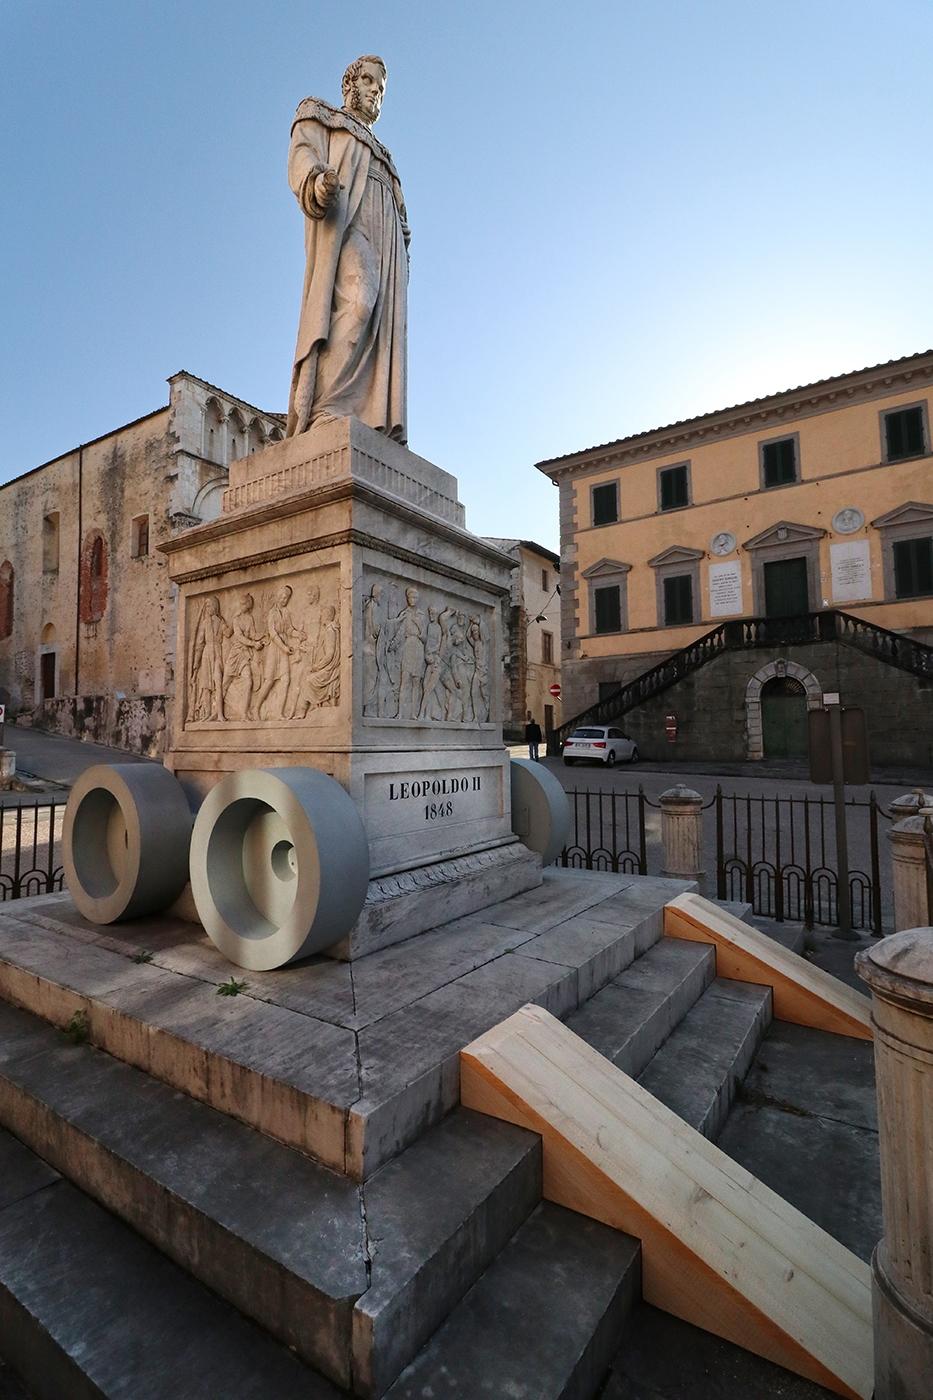 Leopoldo, Piazza del Duomo, Pietrasanta